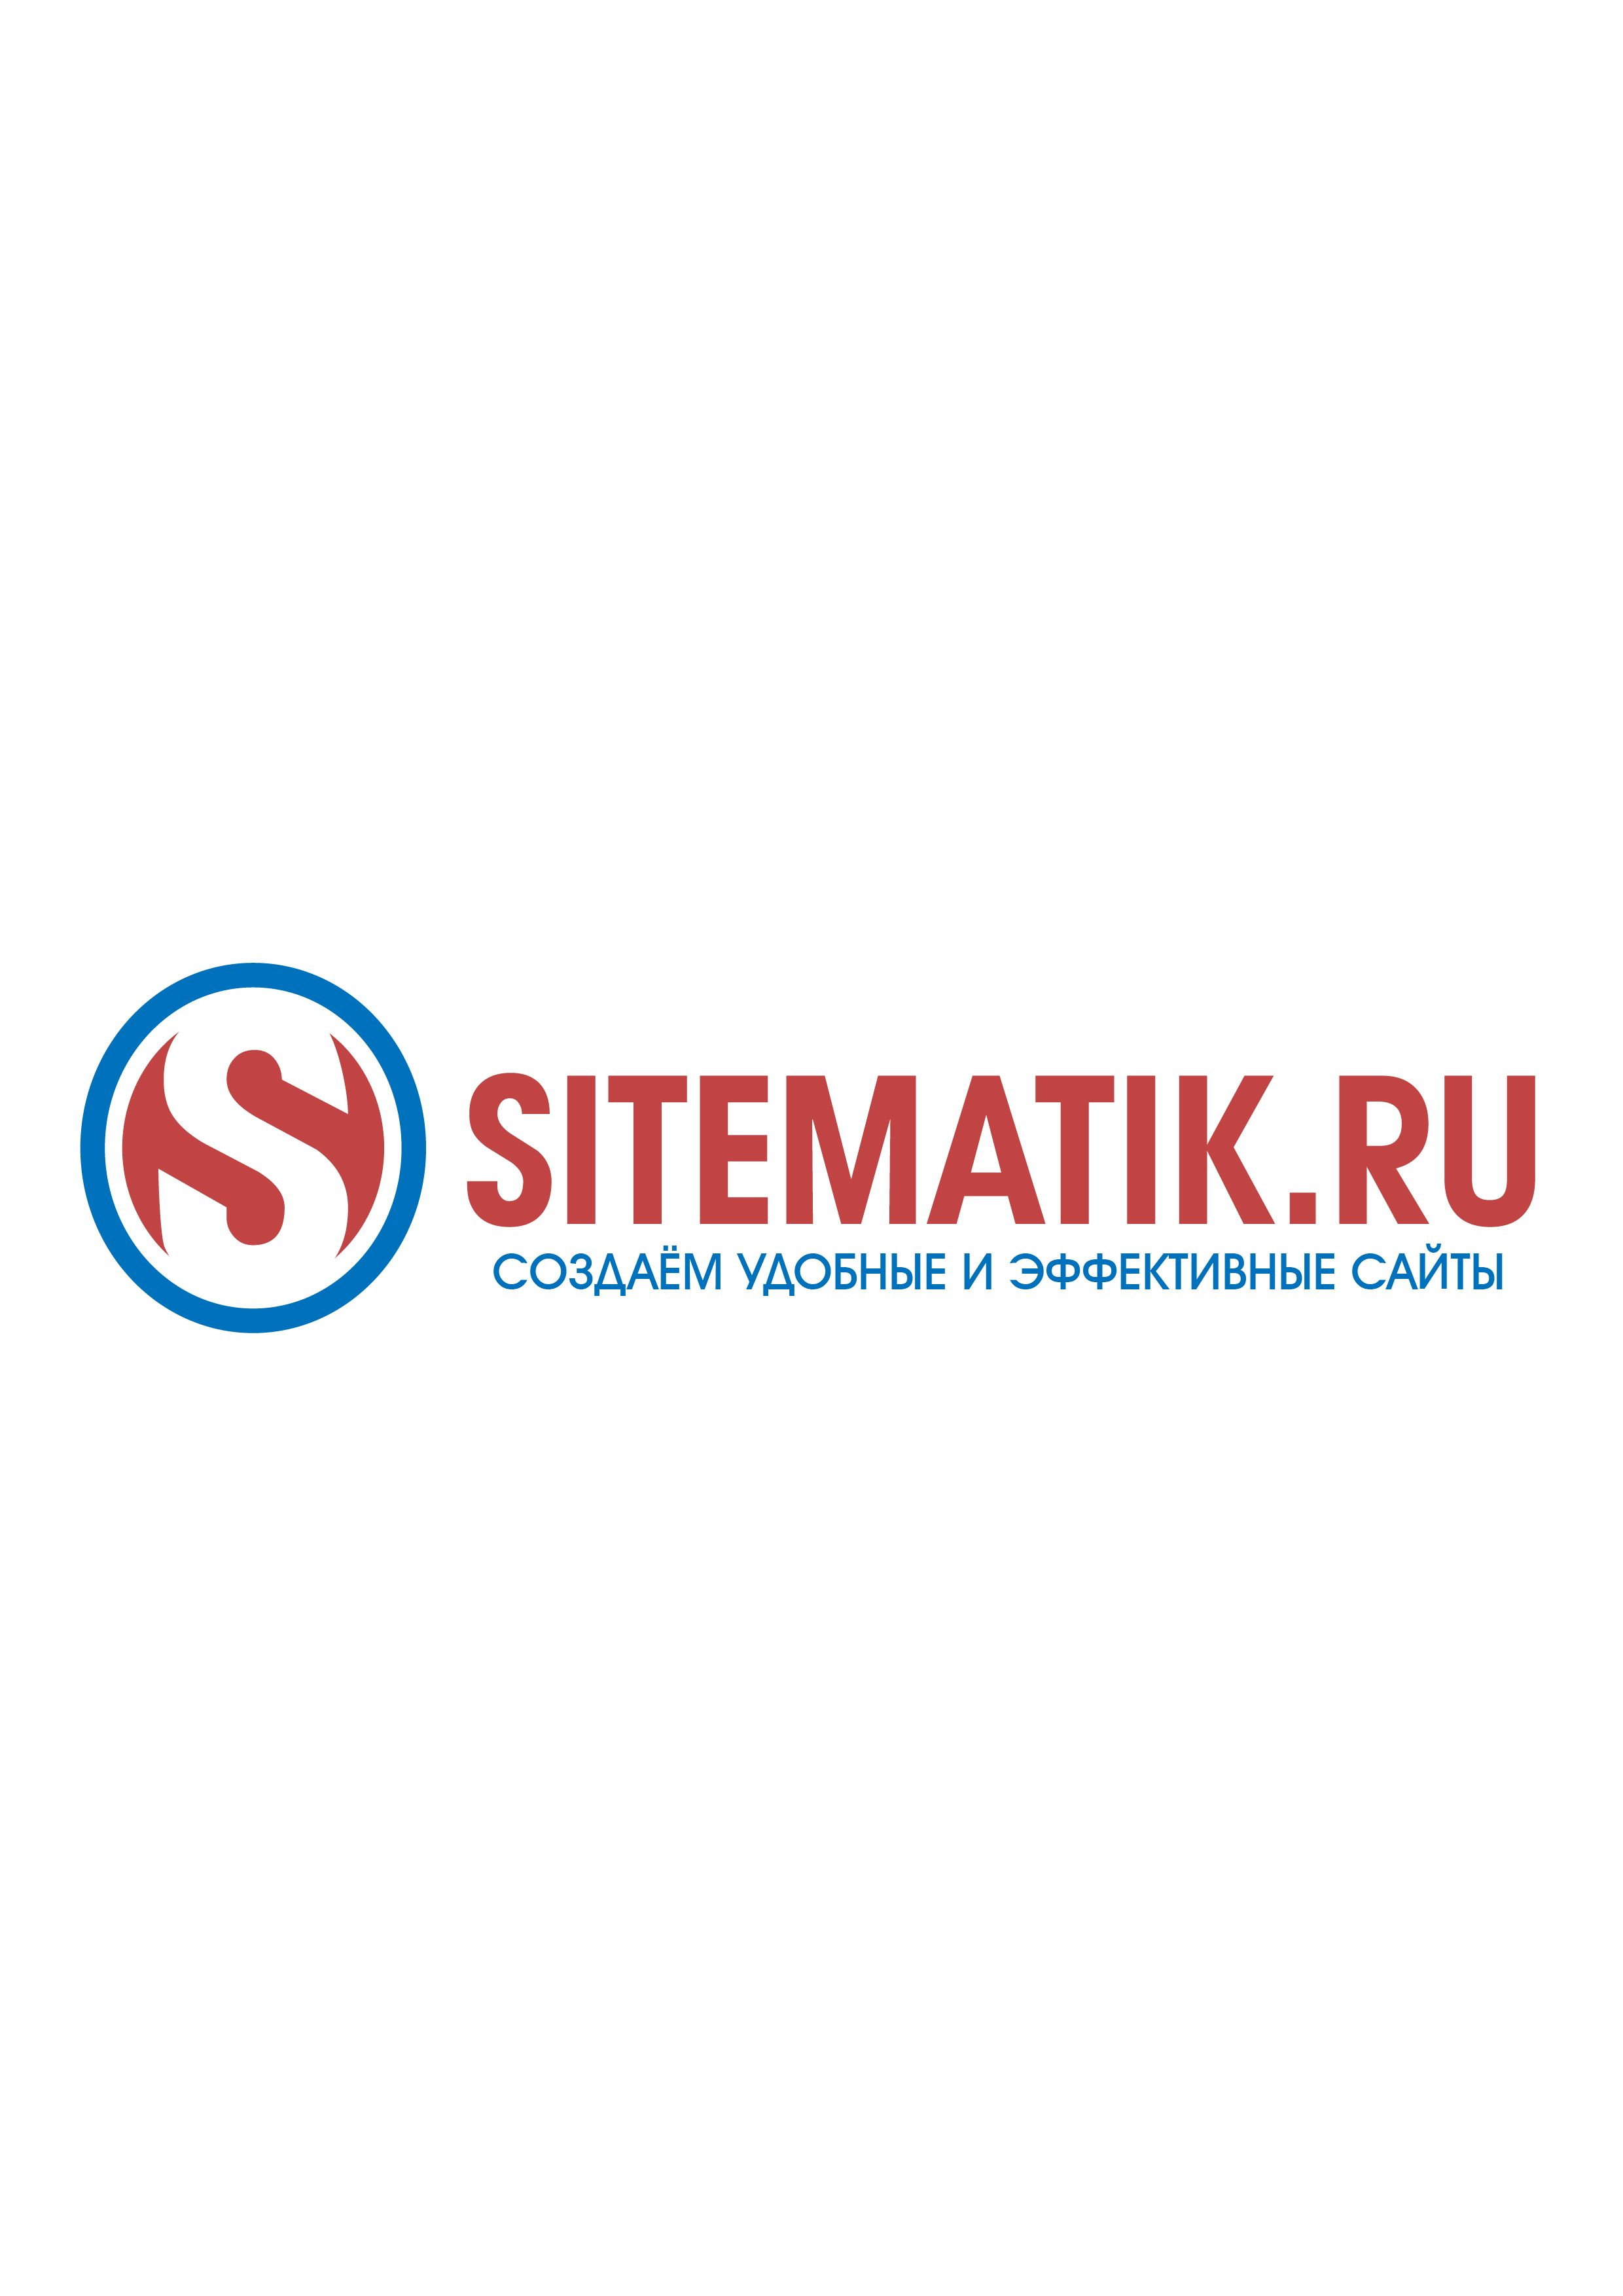 Логотип для Веб-студии - дизайнер Wou1ter